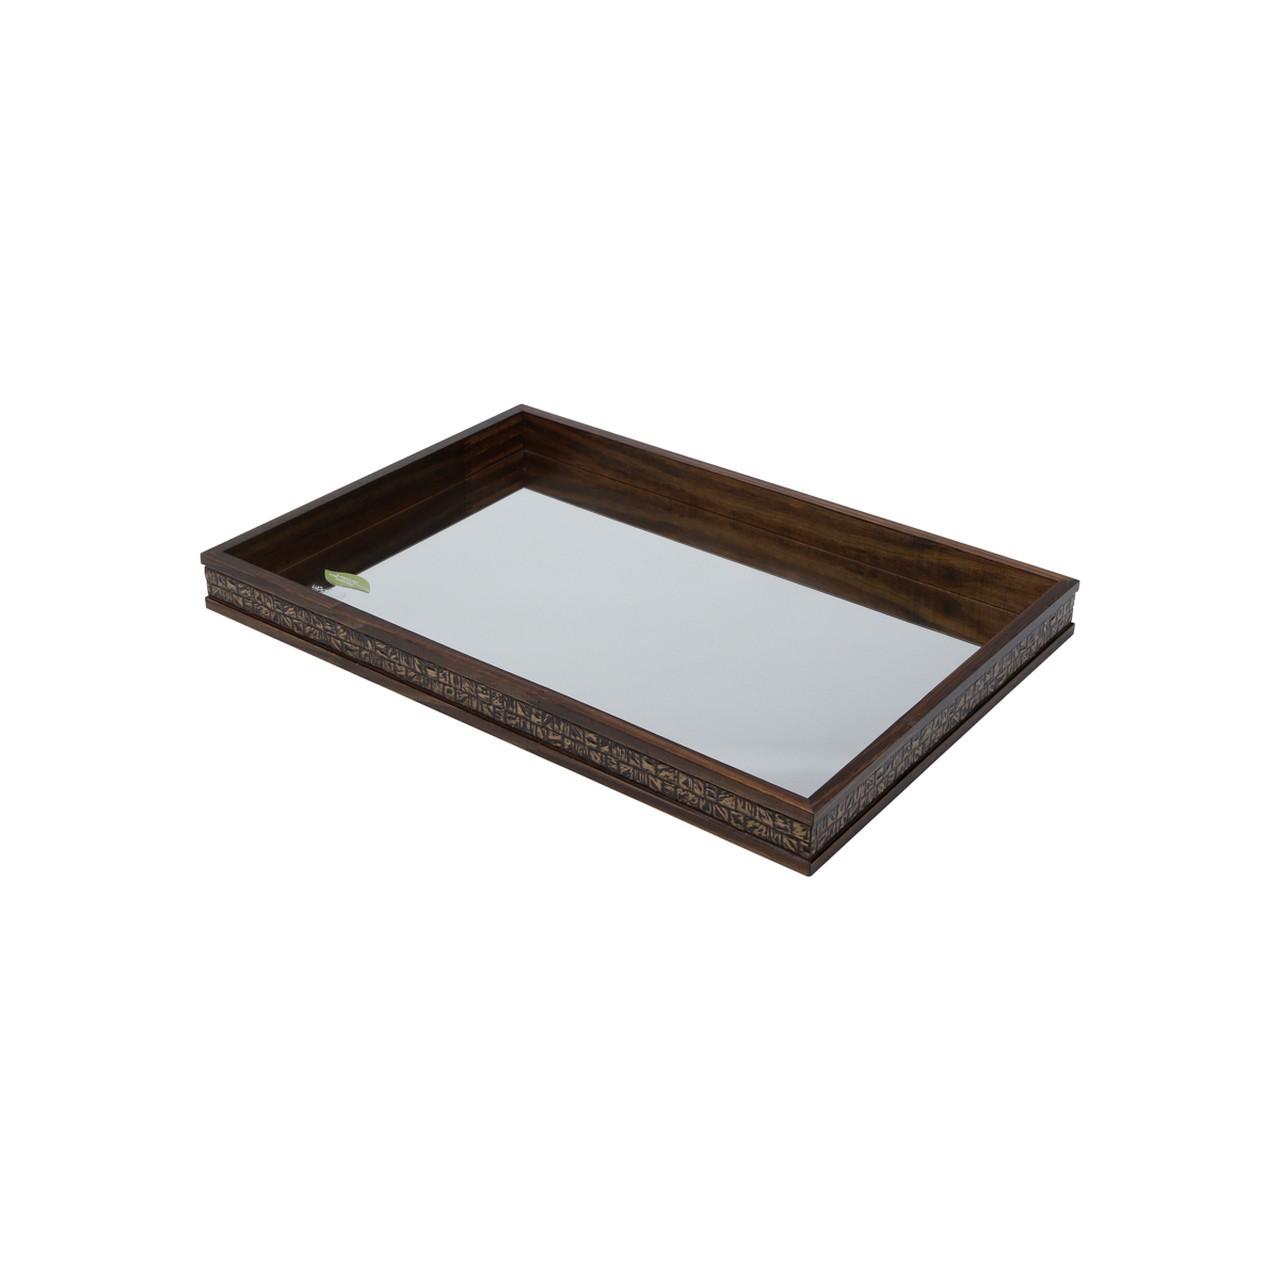 Bandeja Madeira c/ espelho Coquinho Rojemac 41x31x5